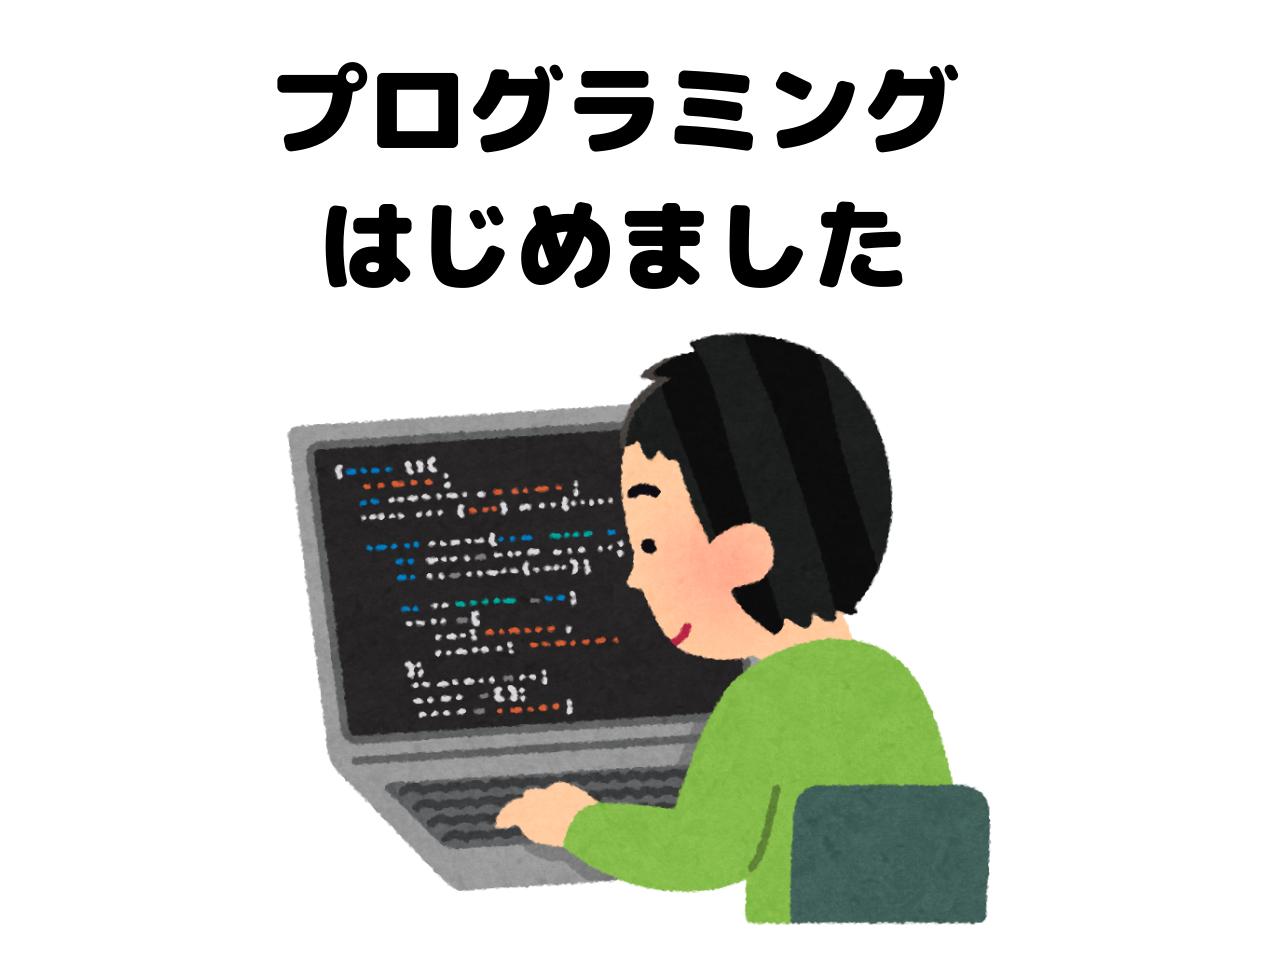 プログラミングをしている男性